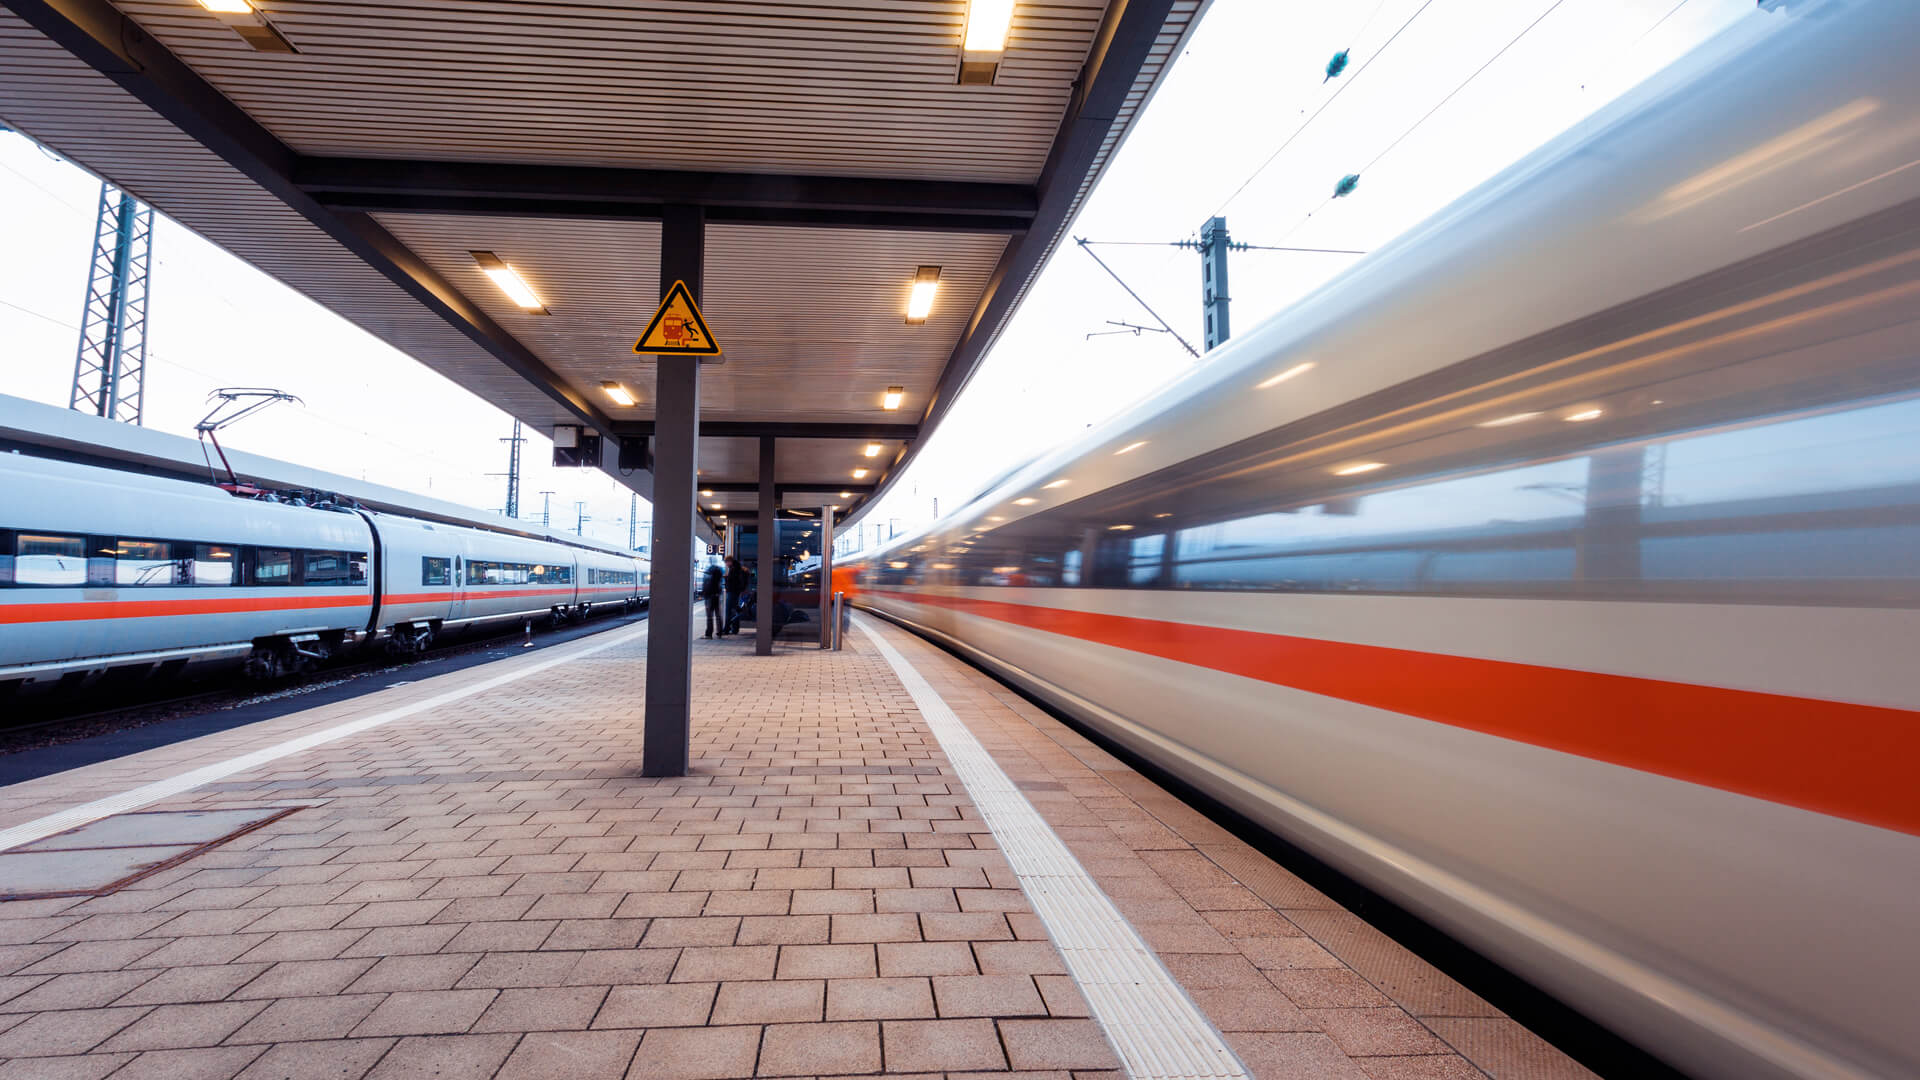 Kinder & Bahn